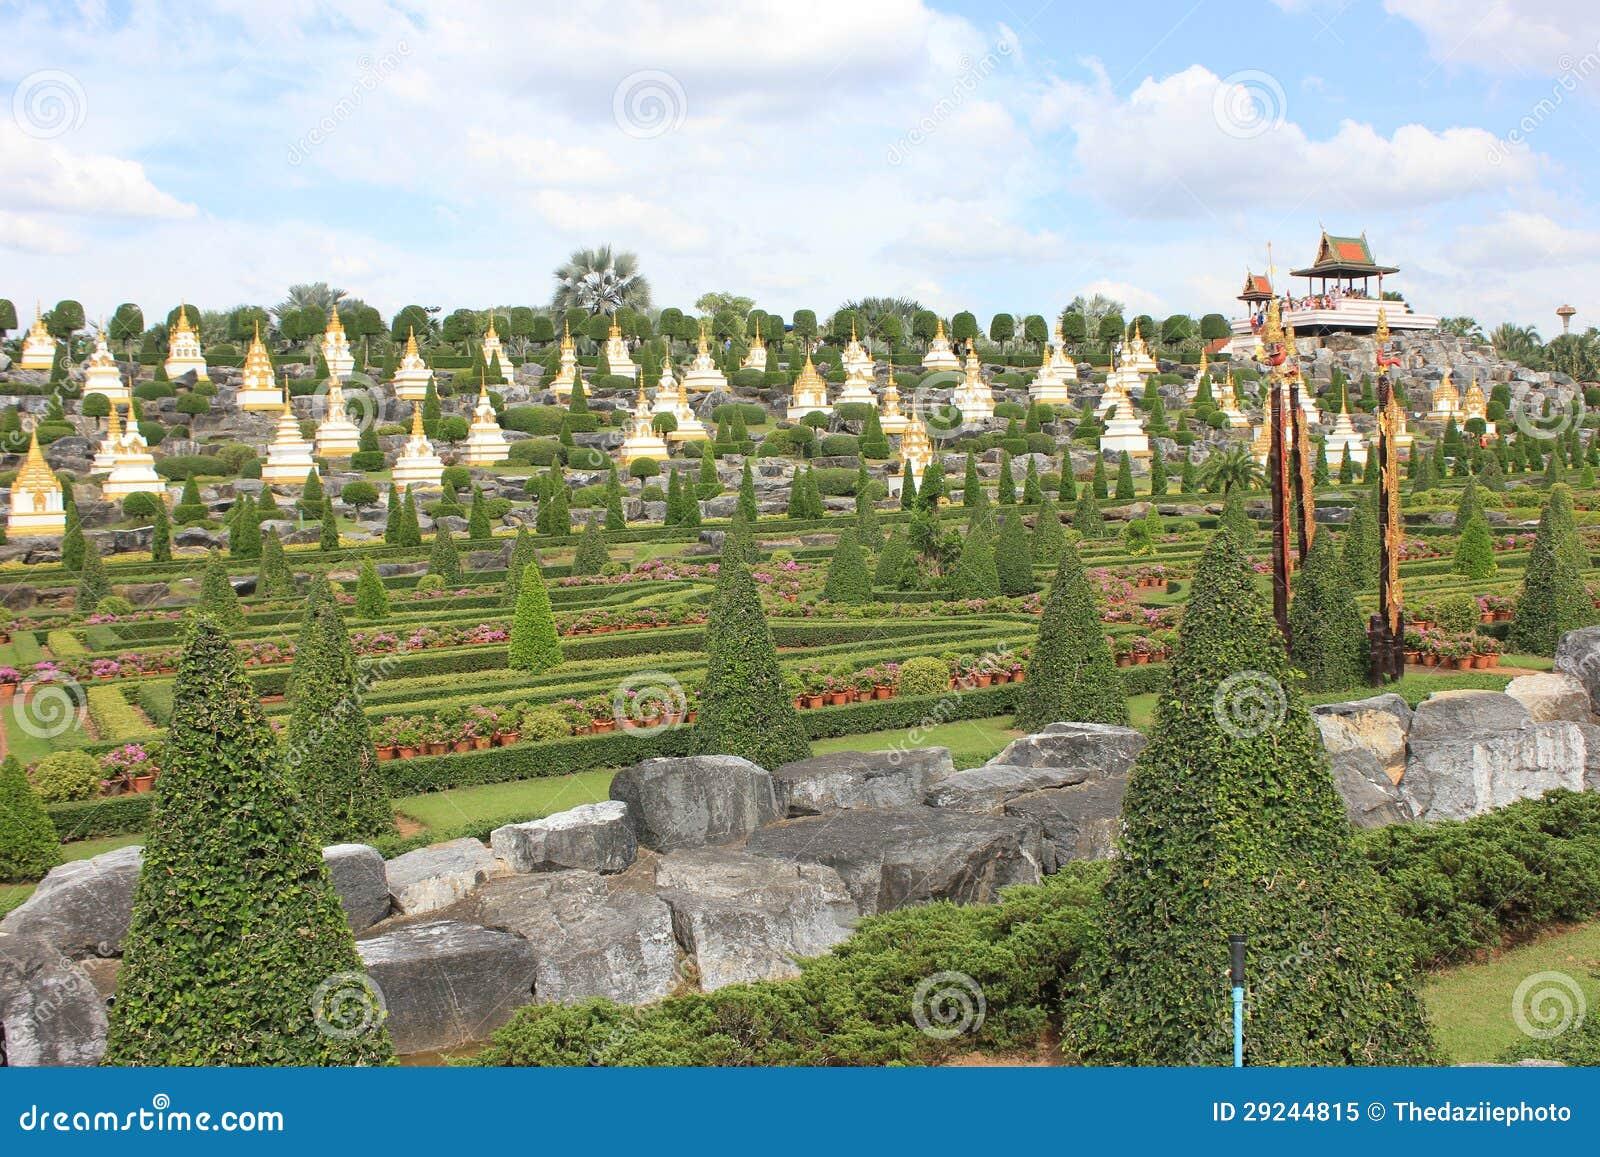 Download Jardim imagem de stock. Imagem de shrubbery, árvore, jardim - 29244815